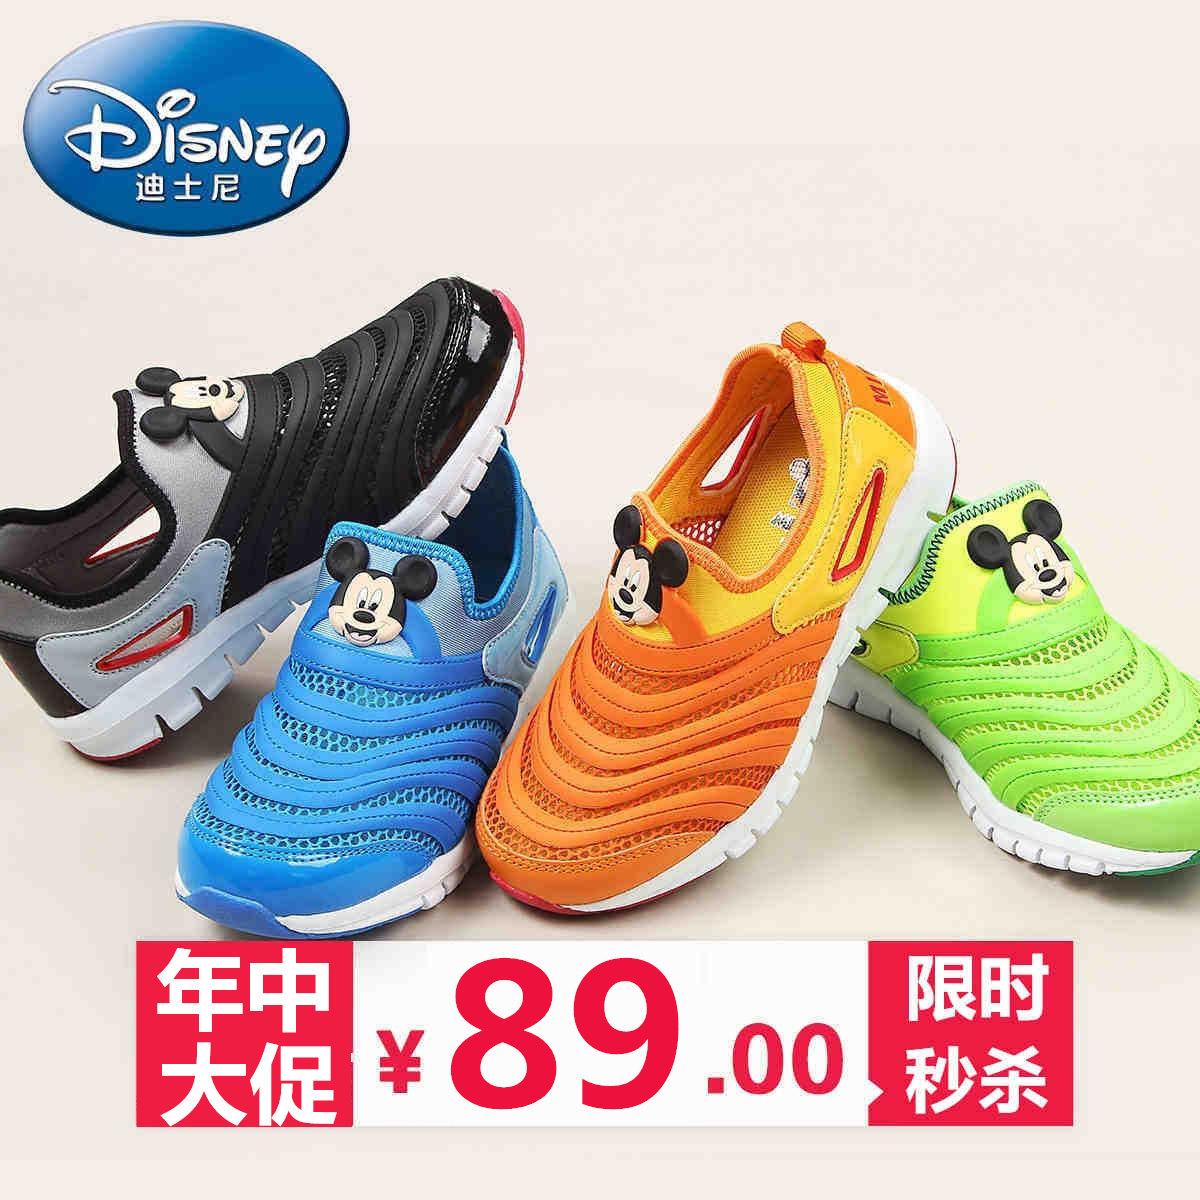 迪士尼时尚品牌儿童鞋子2015春夏新款网孔男女童运动鞋毛毛虫童鞋